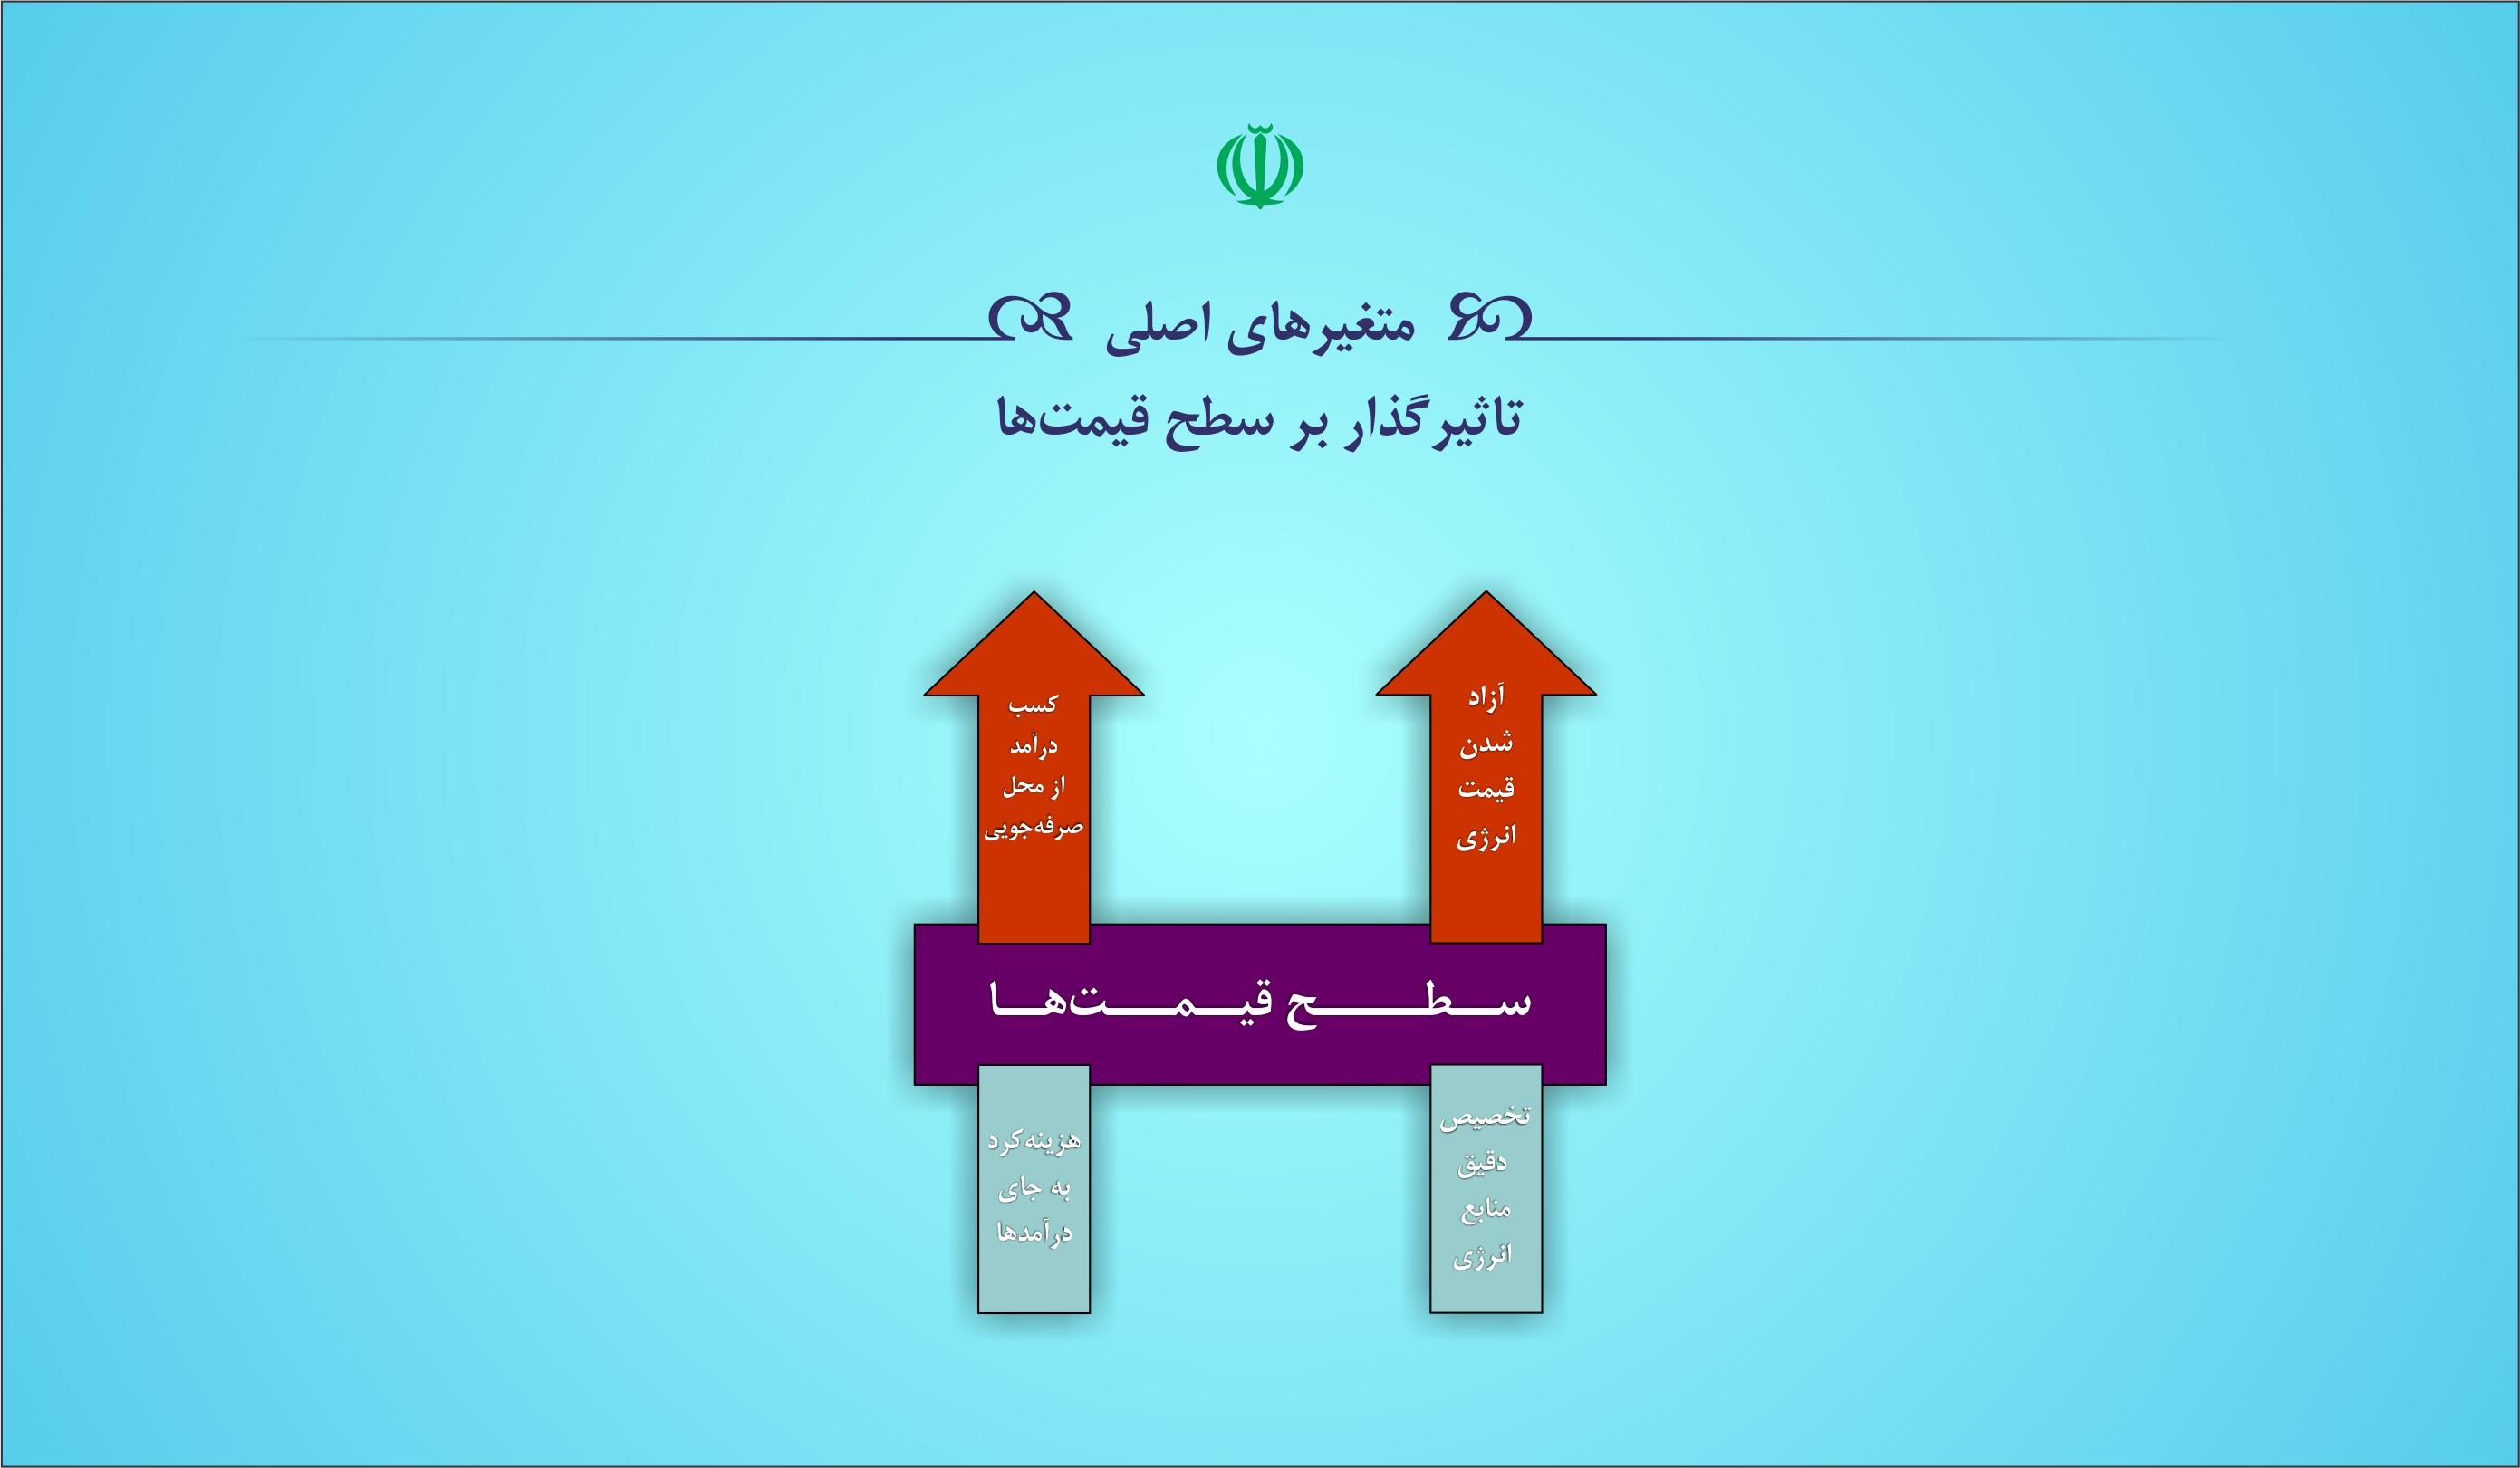 hadafmandi-04-04